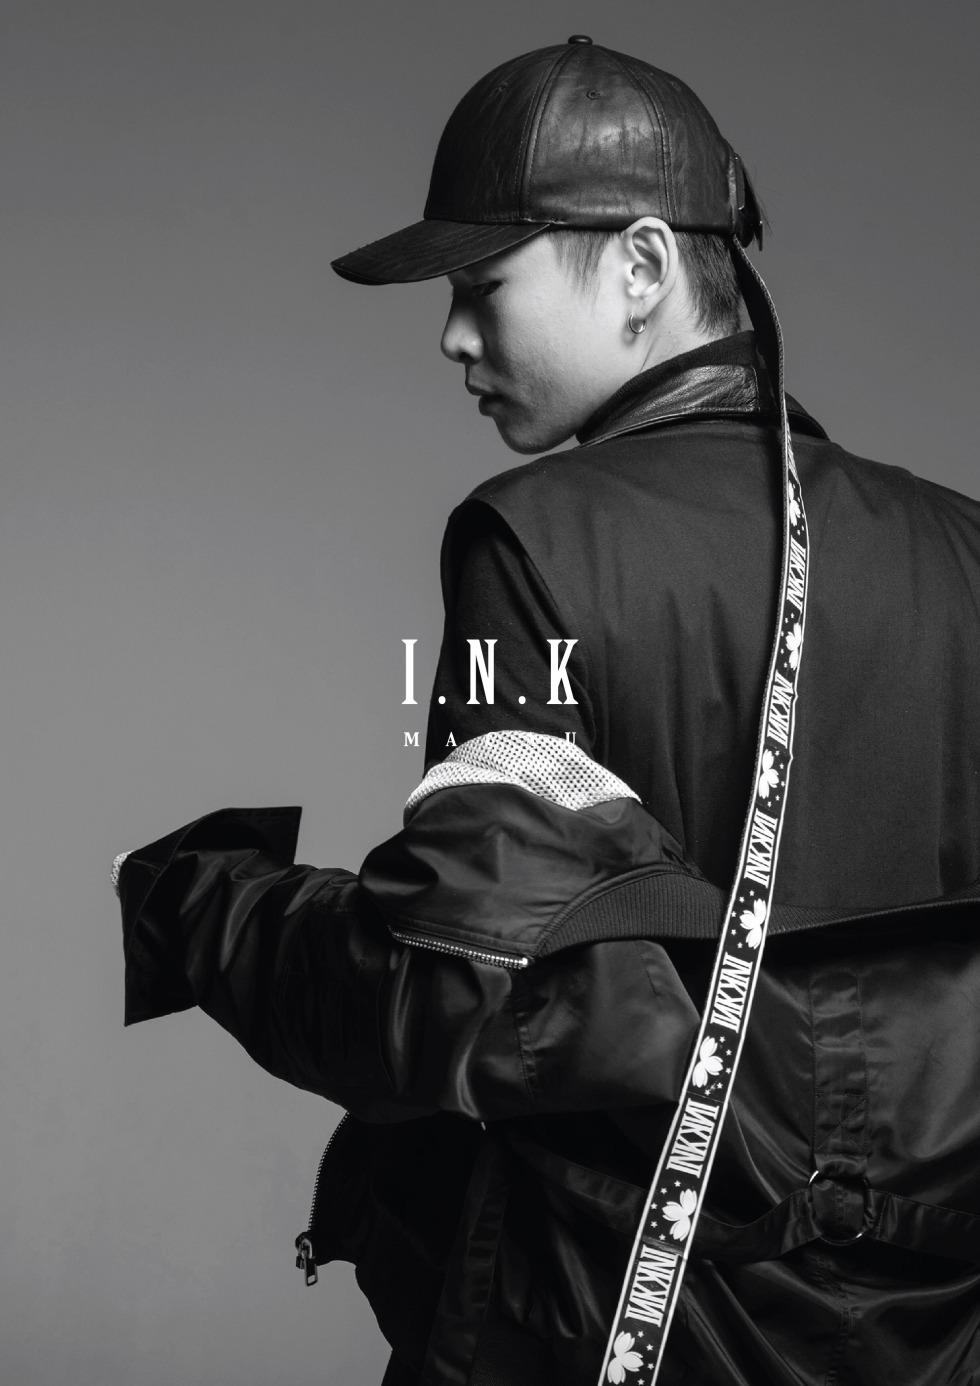 INK_001-01